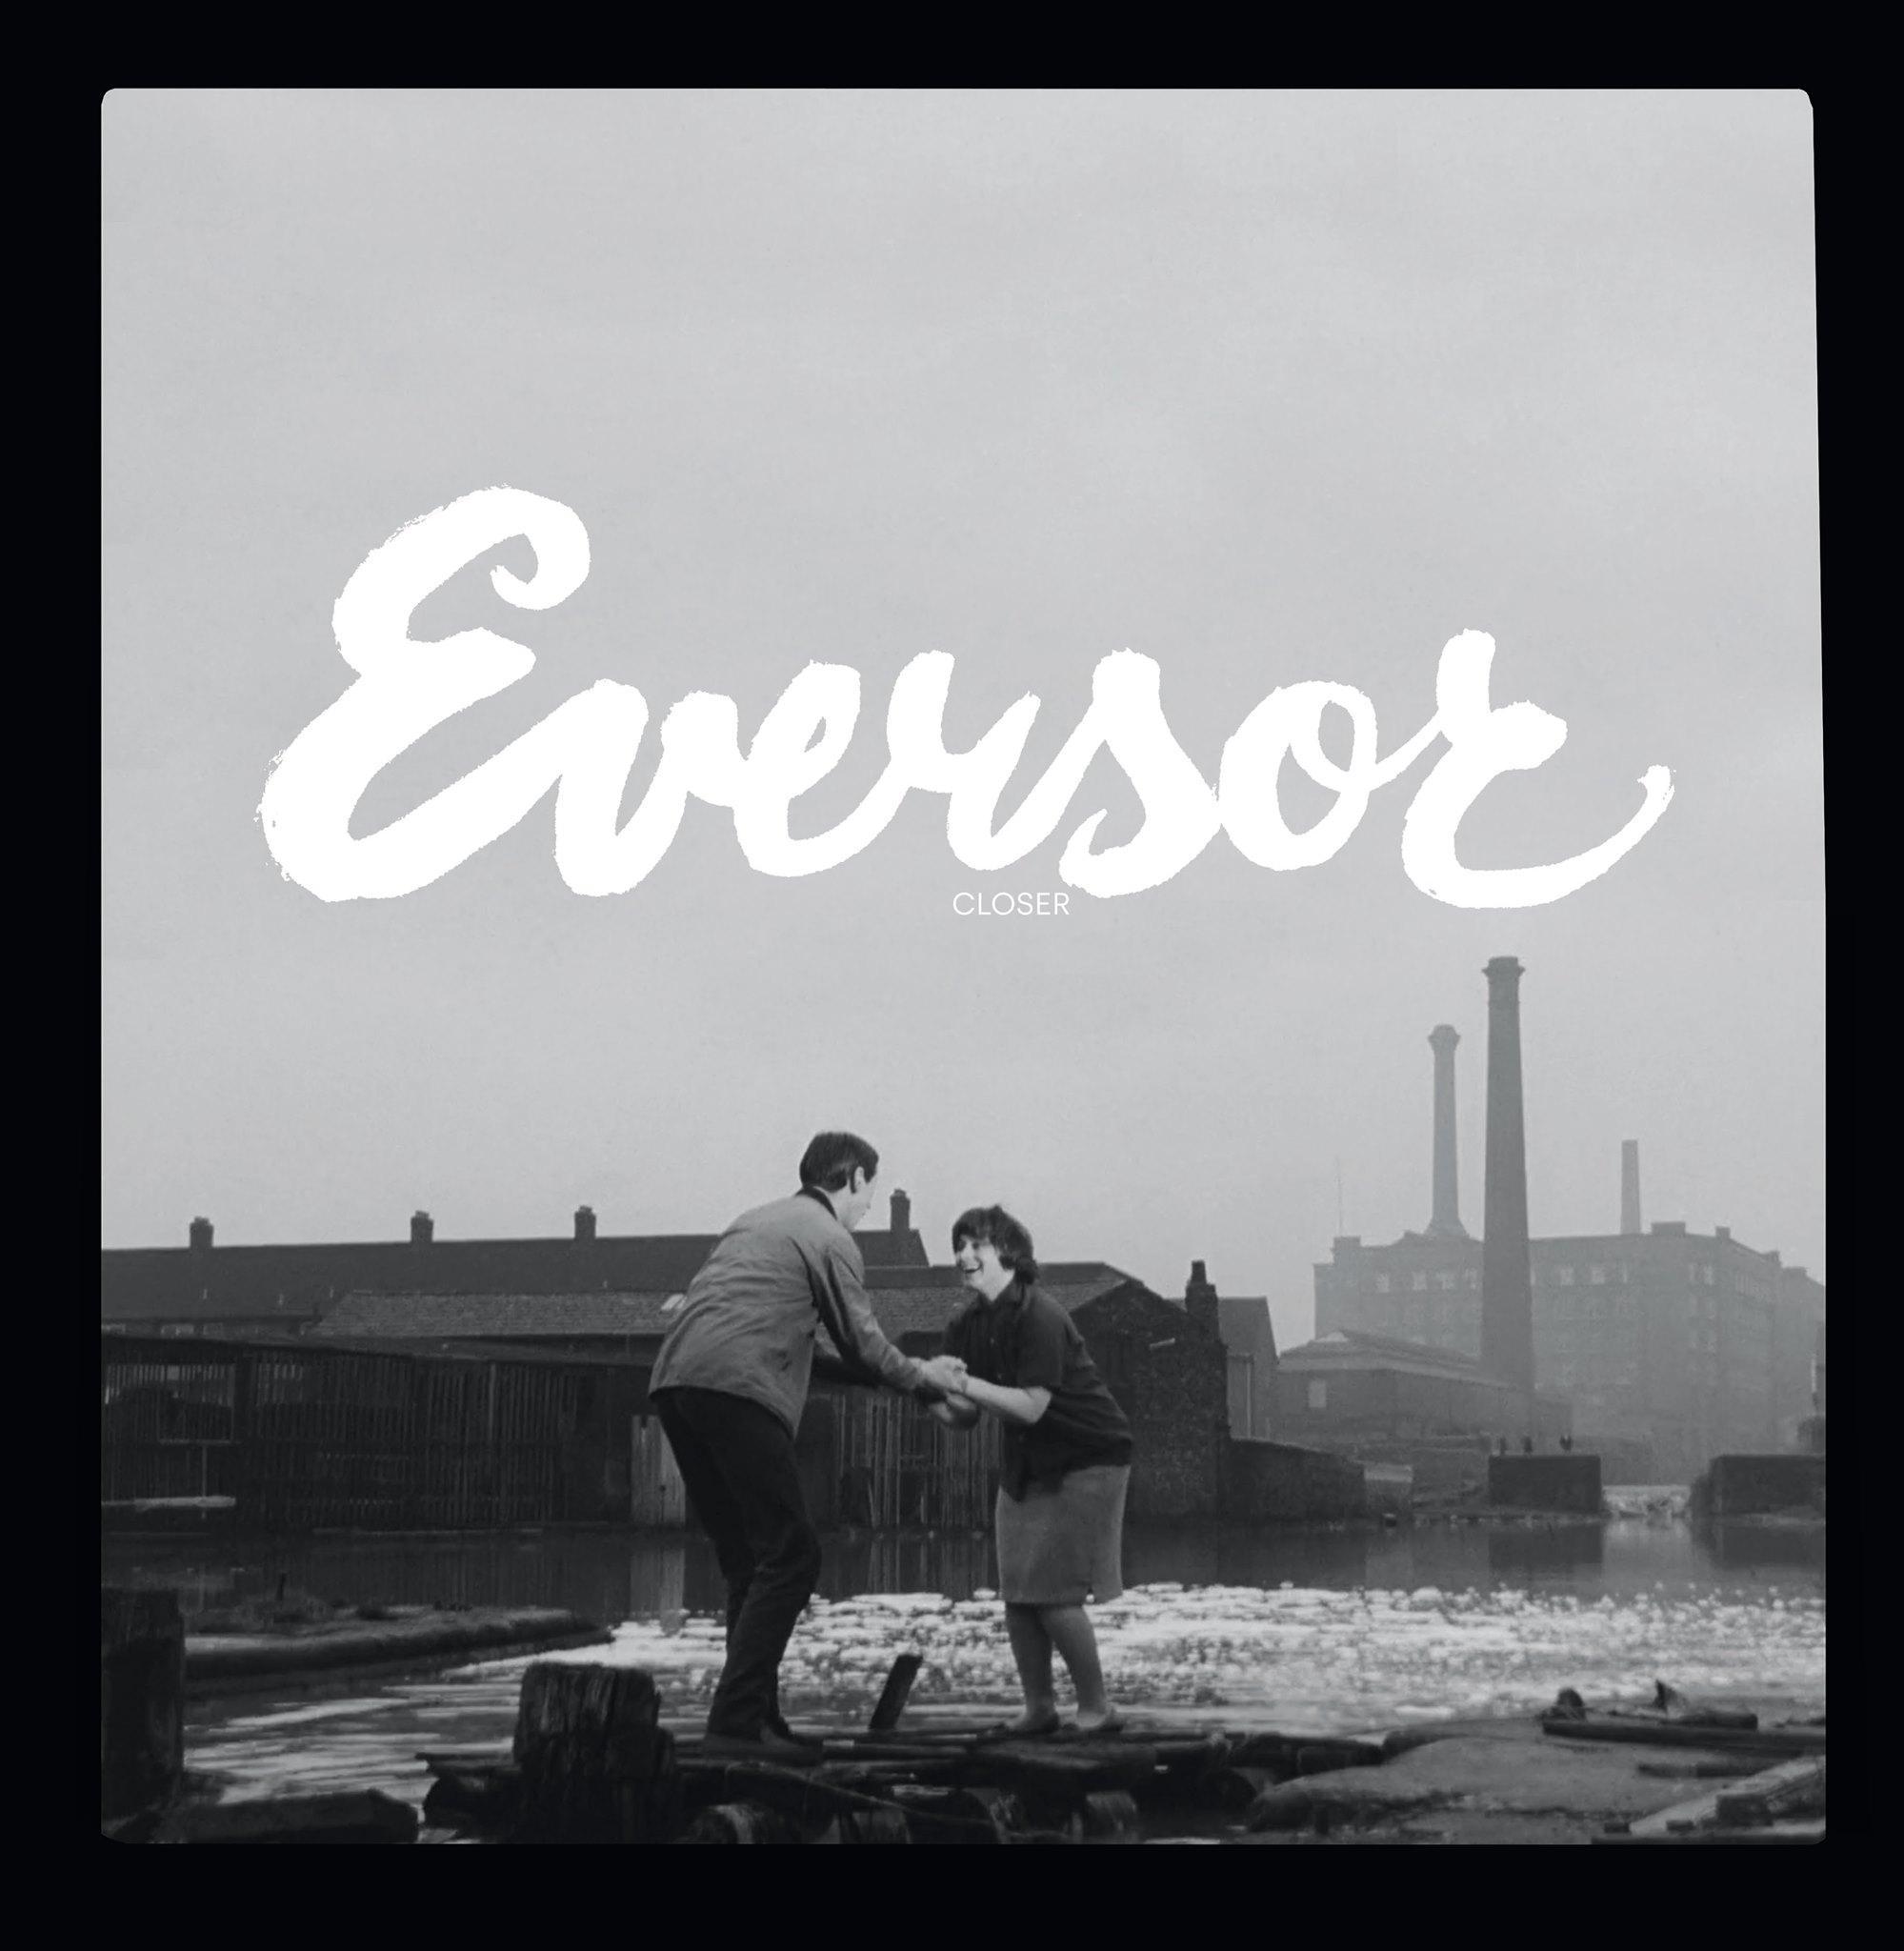 Eversor - Closer 12